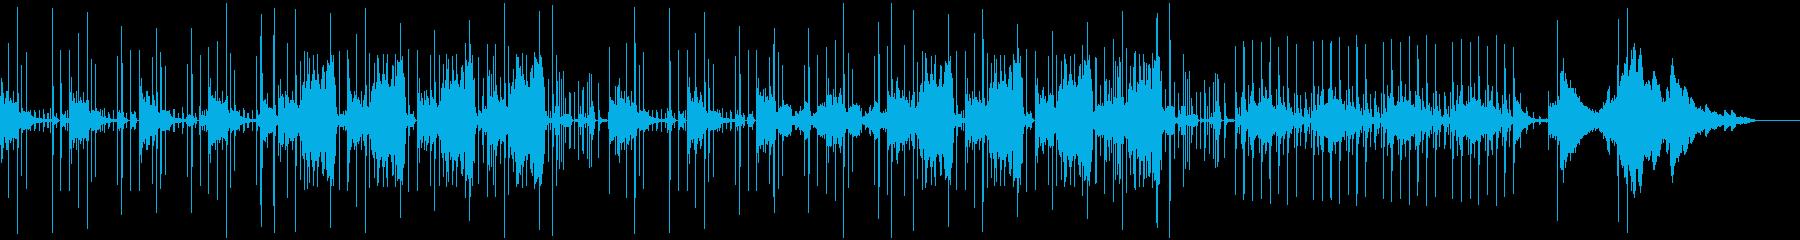 幻想的なSF風のアブストラクトサウンドの再生済みの波形